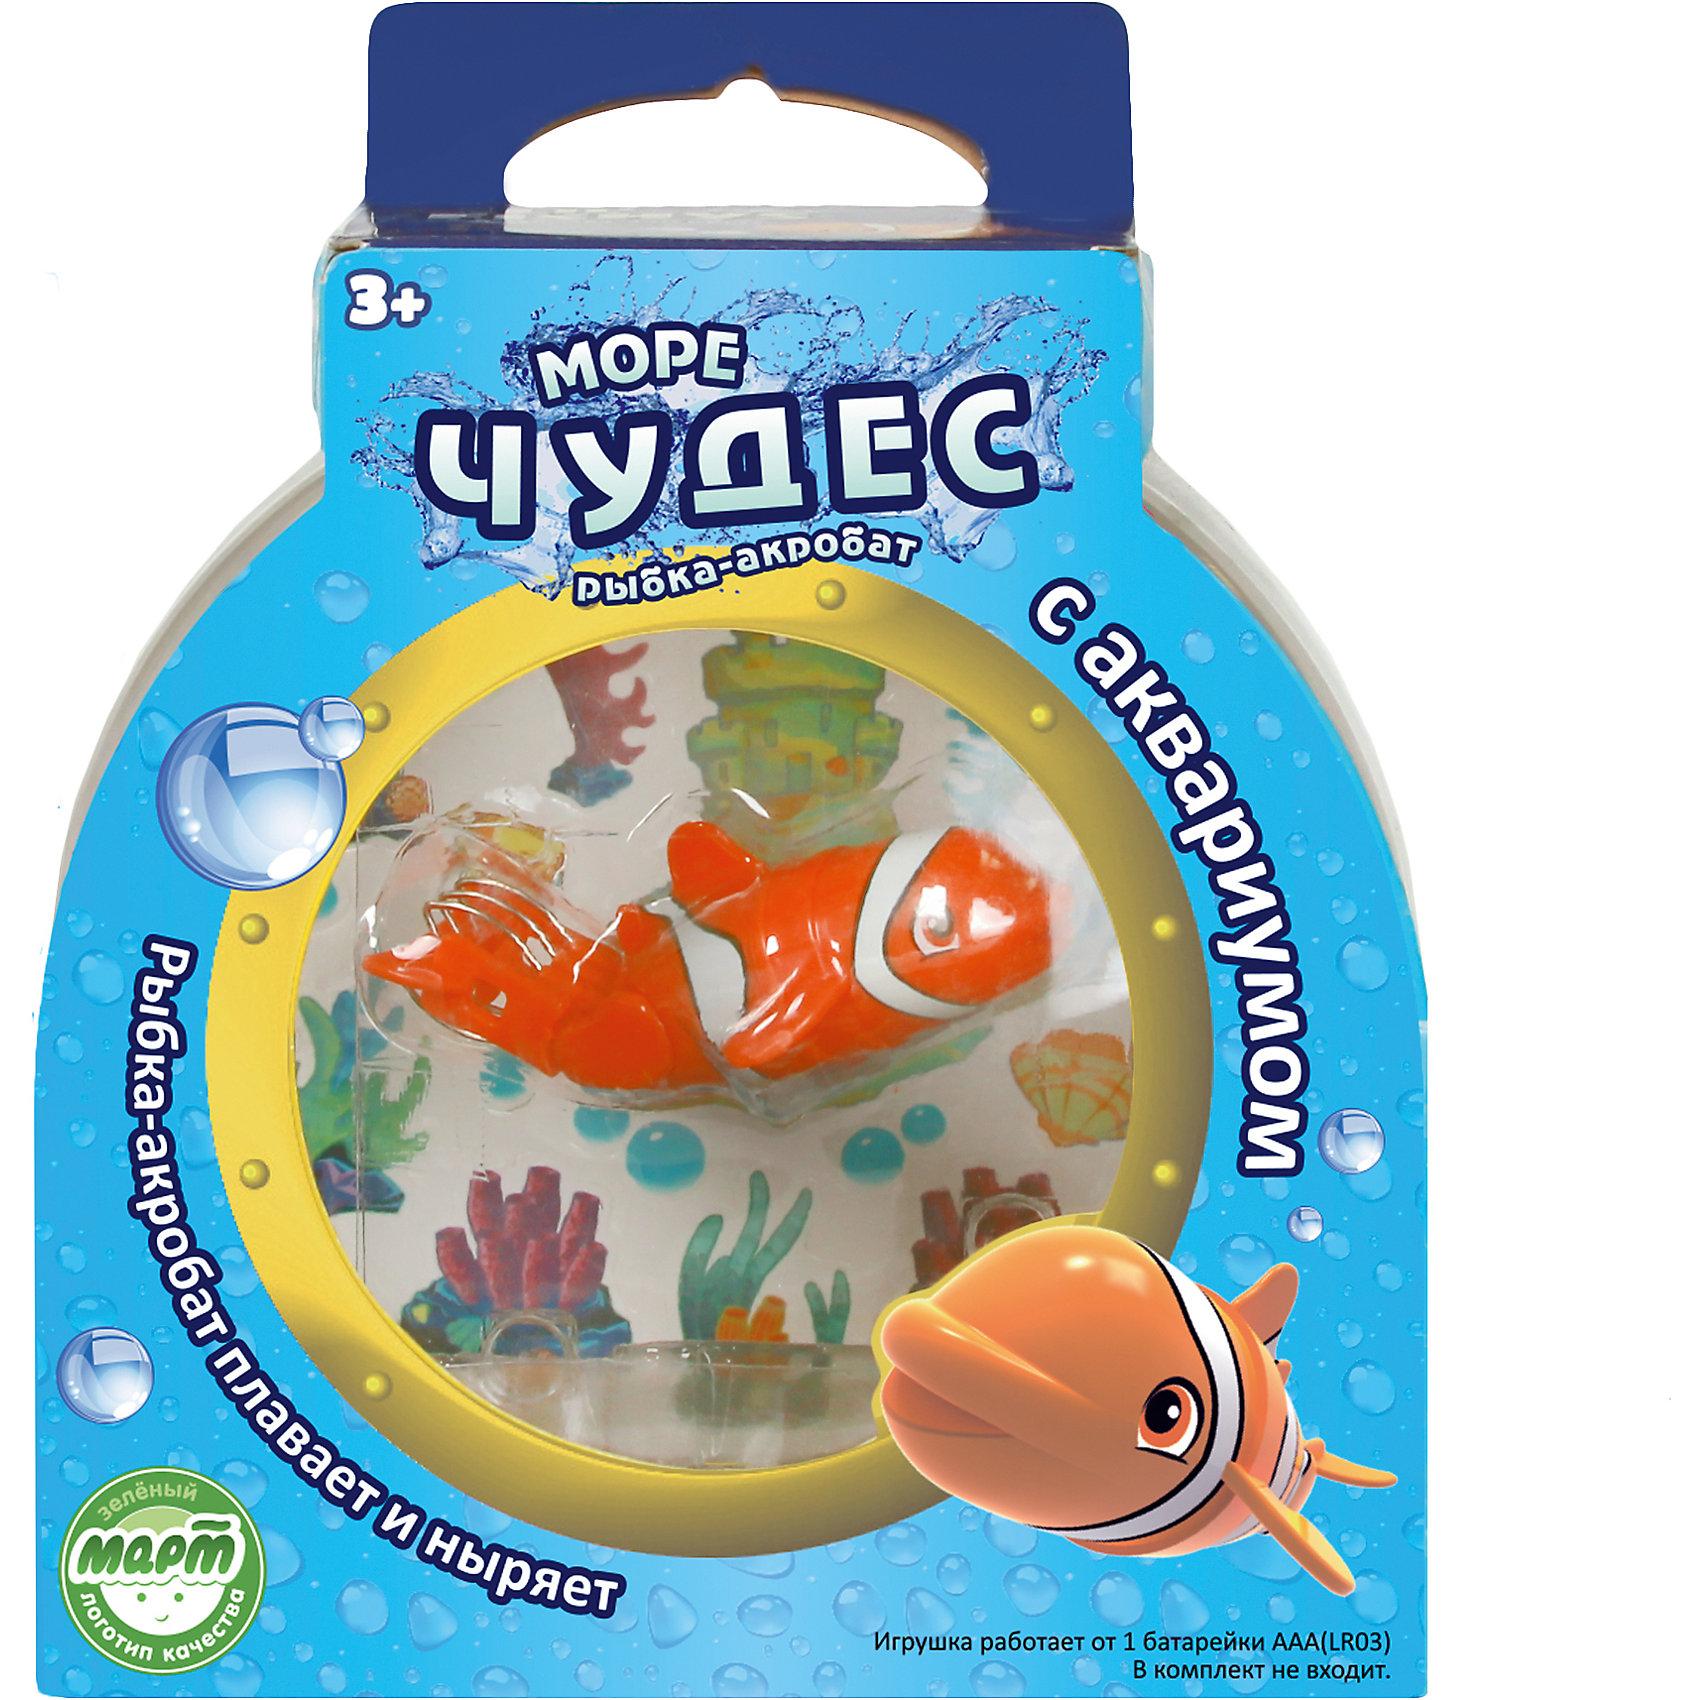 Рыбка –акробат Лаки с аквариумом, Море чудесВаш ребенок мечтает о рыбке? С этим замечательным набором мечта станет реальностью! Рыбка-акробат Лаки так похожа на настоящего морского обитателя! Она плавает за счёт микро-моторчика в хвосте, траектория движений зависит от наклона хвоста. Лаки виртуозно умеет нырять на глубину и быстро подниматься на поверхность. Очаровательная рыбка подарит детям множество положительных эмоция и улыбок! <br><br>Дополнительная информация:<br><br>- Размер рыбки: 9 см.<br>- Размер аквариума: 16х16х10 см. <br>- Материал: пластик.<br>- Элемент питания: 1 батарейка ААА (в комплект не входит).<br><br>Рыбку –акробата Лаки с аквариумом, Море чудес, можно купить в нашем магазине.<br><br>Ширина мм: 160<br>Глубина мм: 110<br>Высота мм: 200<br>Вес г: 250<br>Возраст от месяцев: 36<br>Возраст до месяцев: 72<br>Пол: Унисекс<br>Возраст: Детский<br>SKU: 4252052